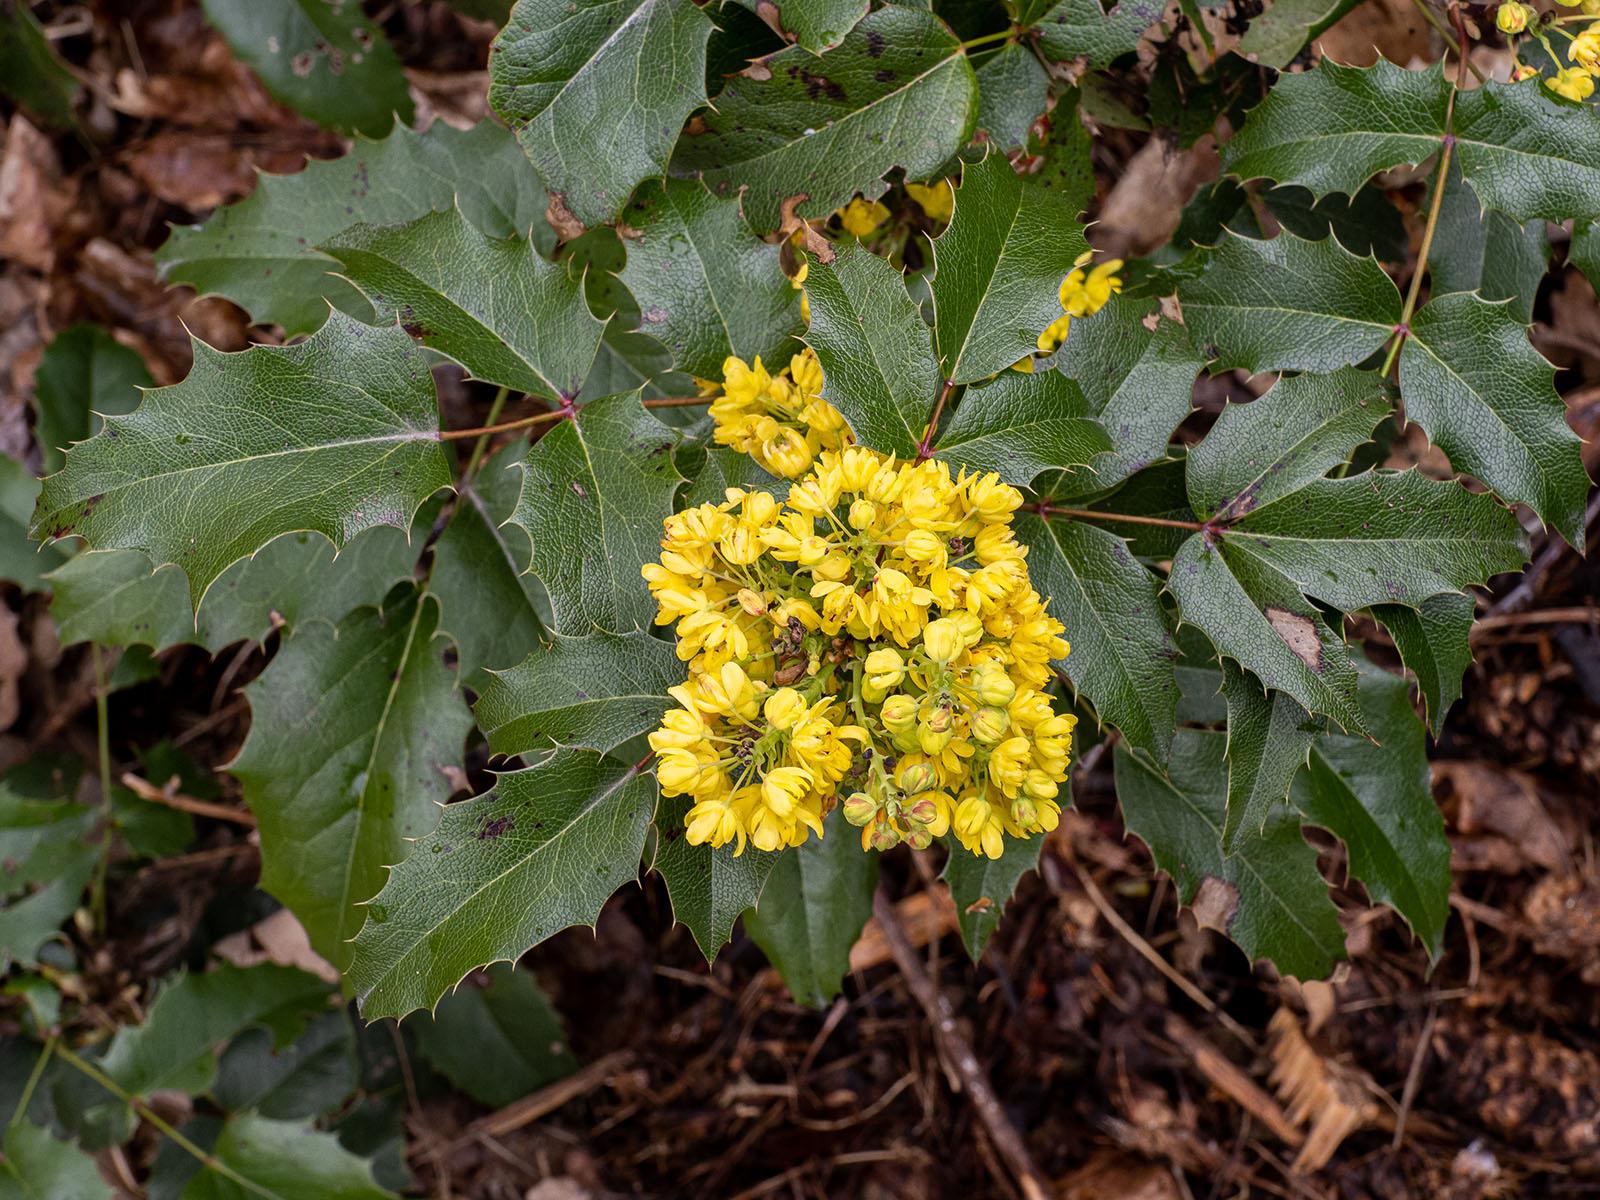 Магония падуболистная (Mahonia aquifolium). Стокгольм, май 2020 года. Автор фото: Сутормина Марина